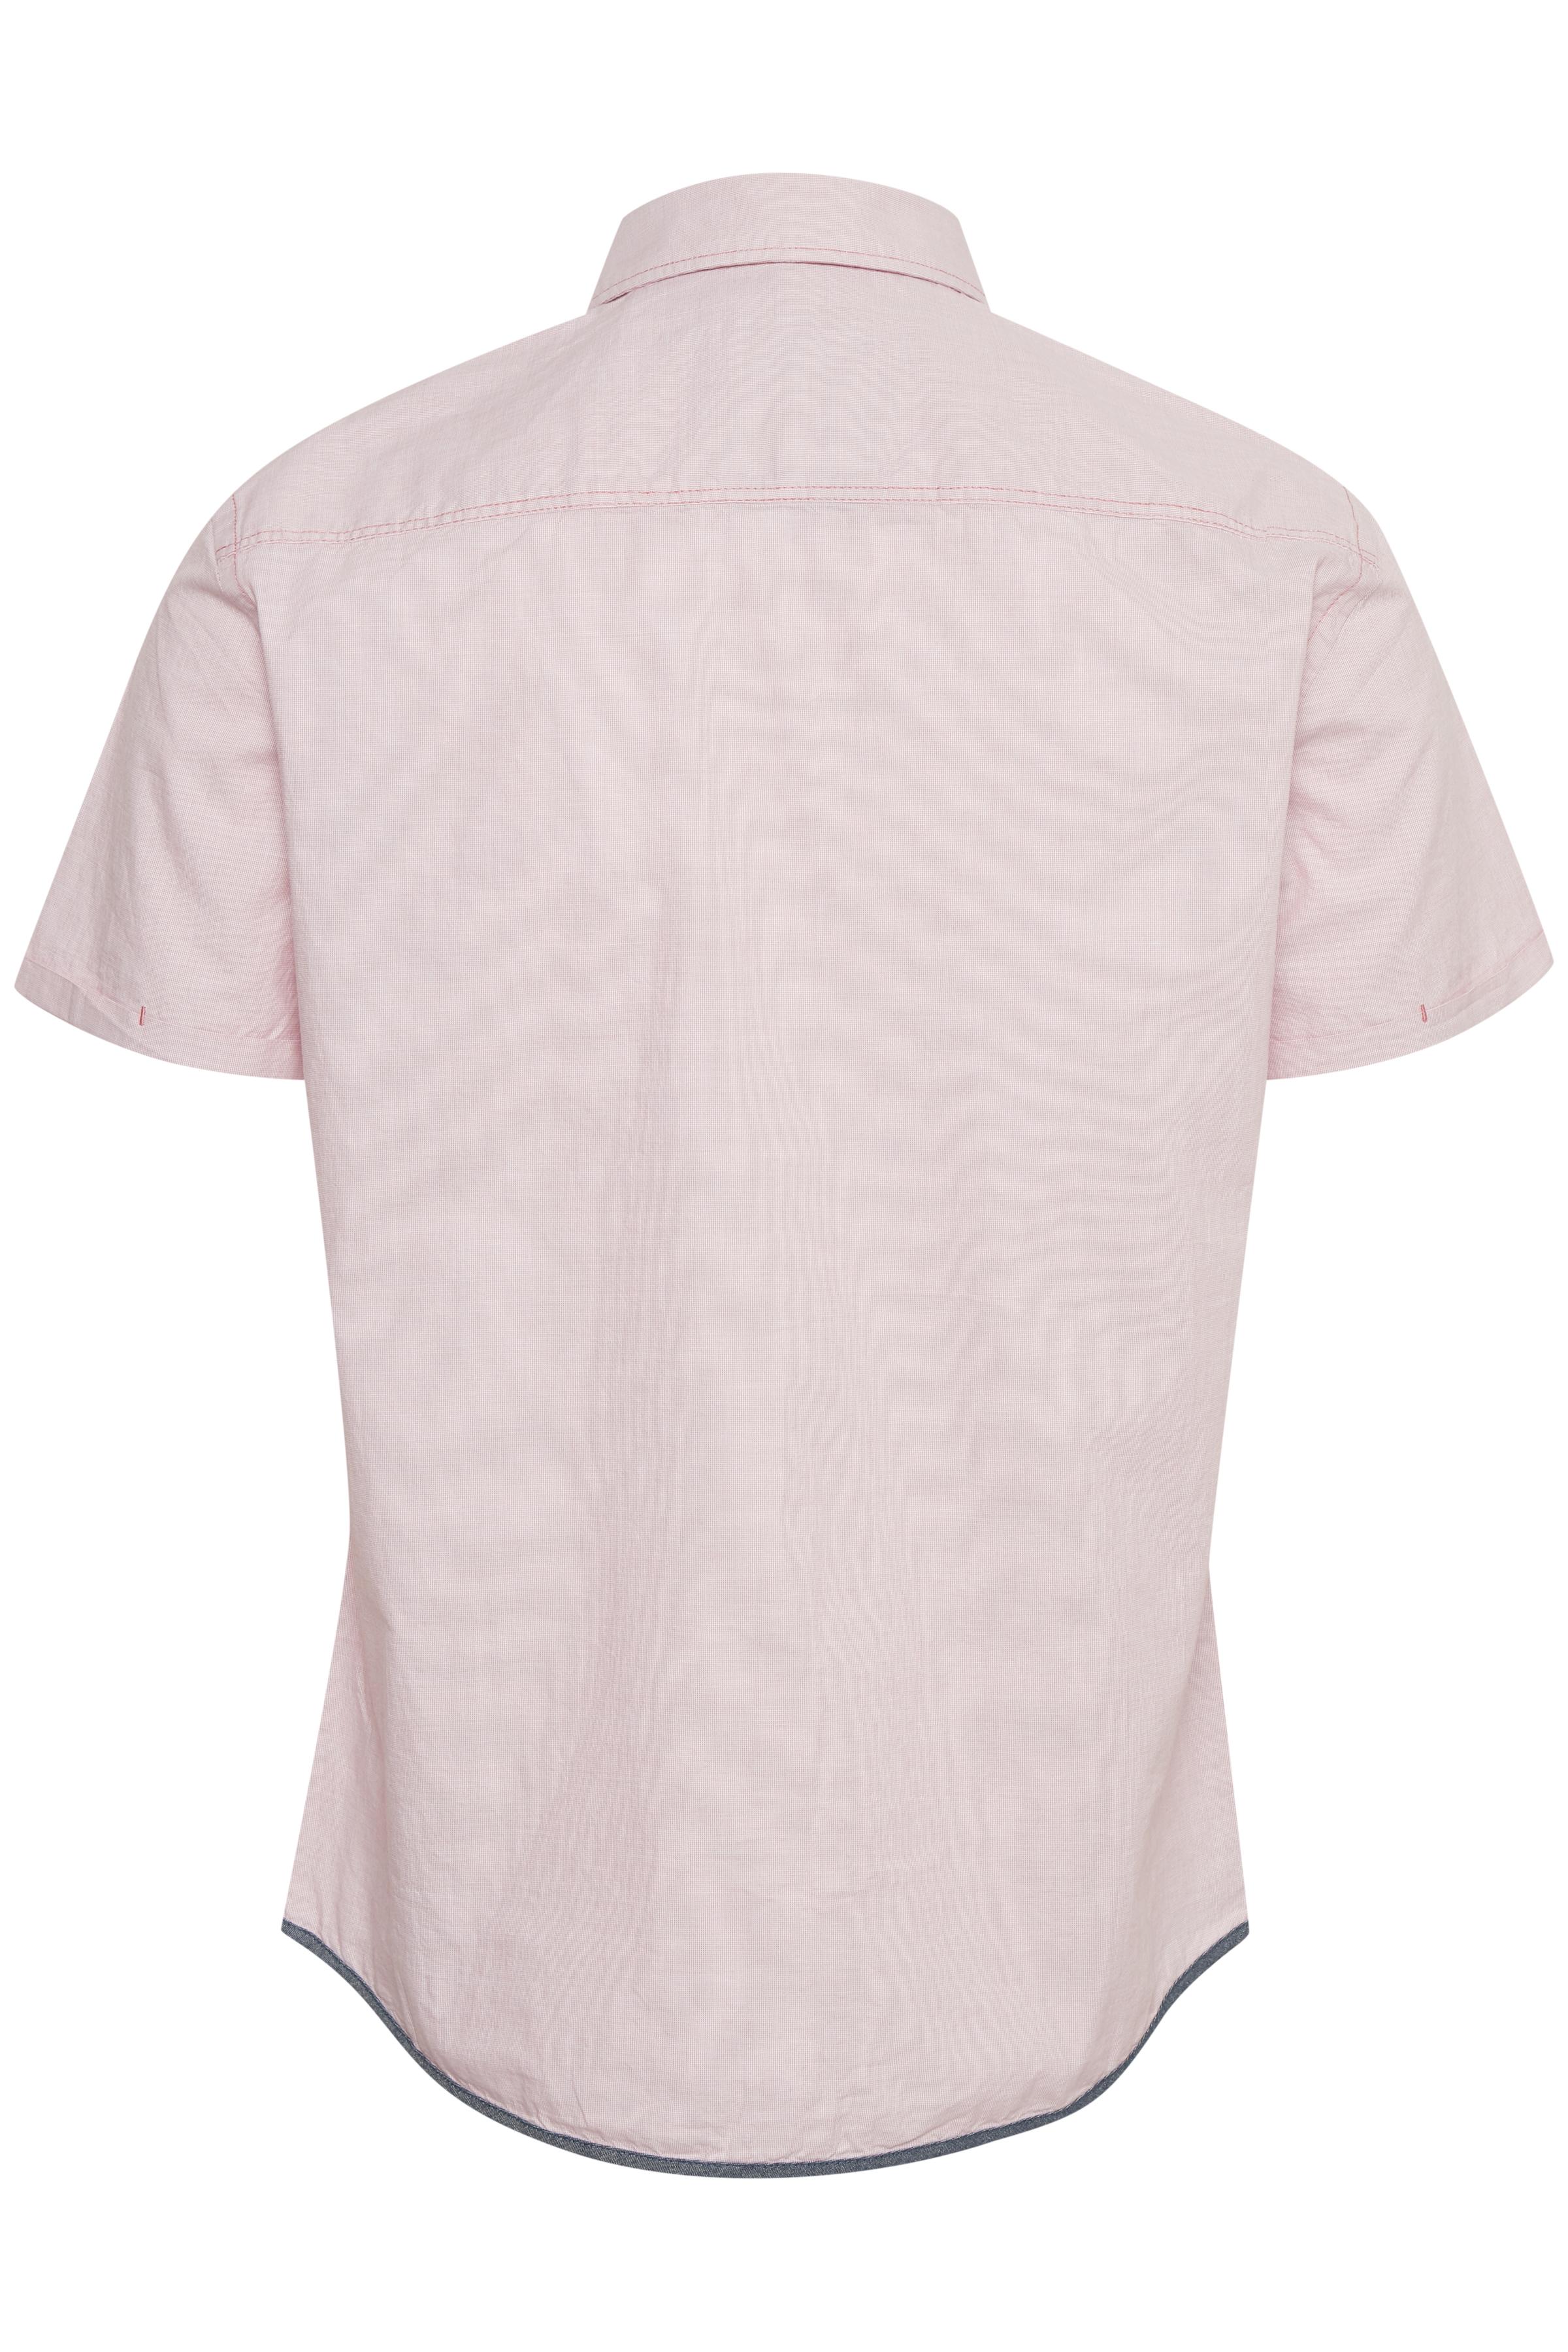 Dusty Rose Red Shirt fra Blend He – Køb Dusty Rose Red Shirt fra str. S-XXL her